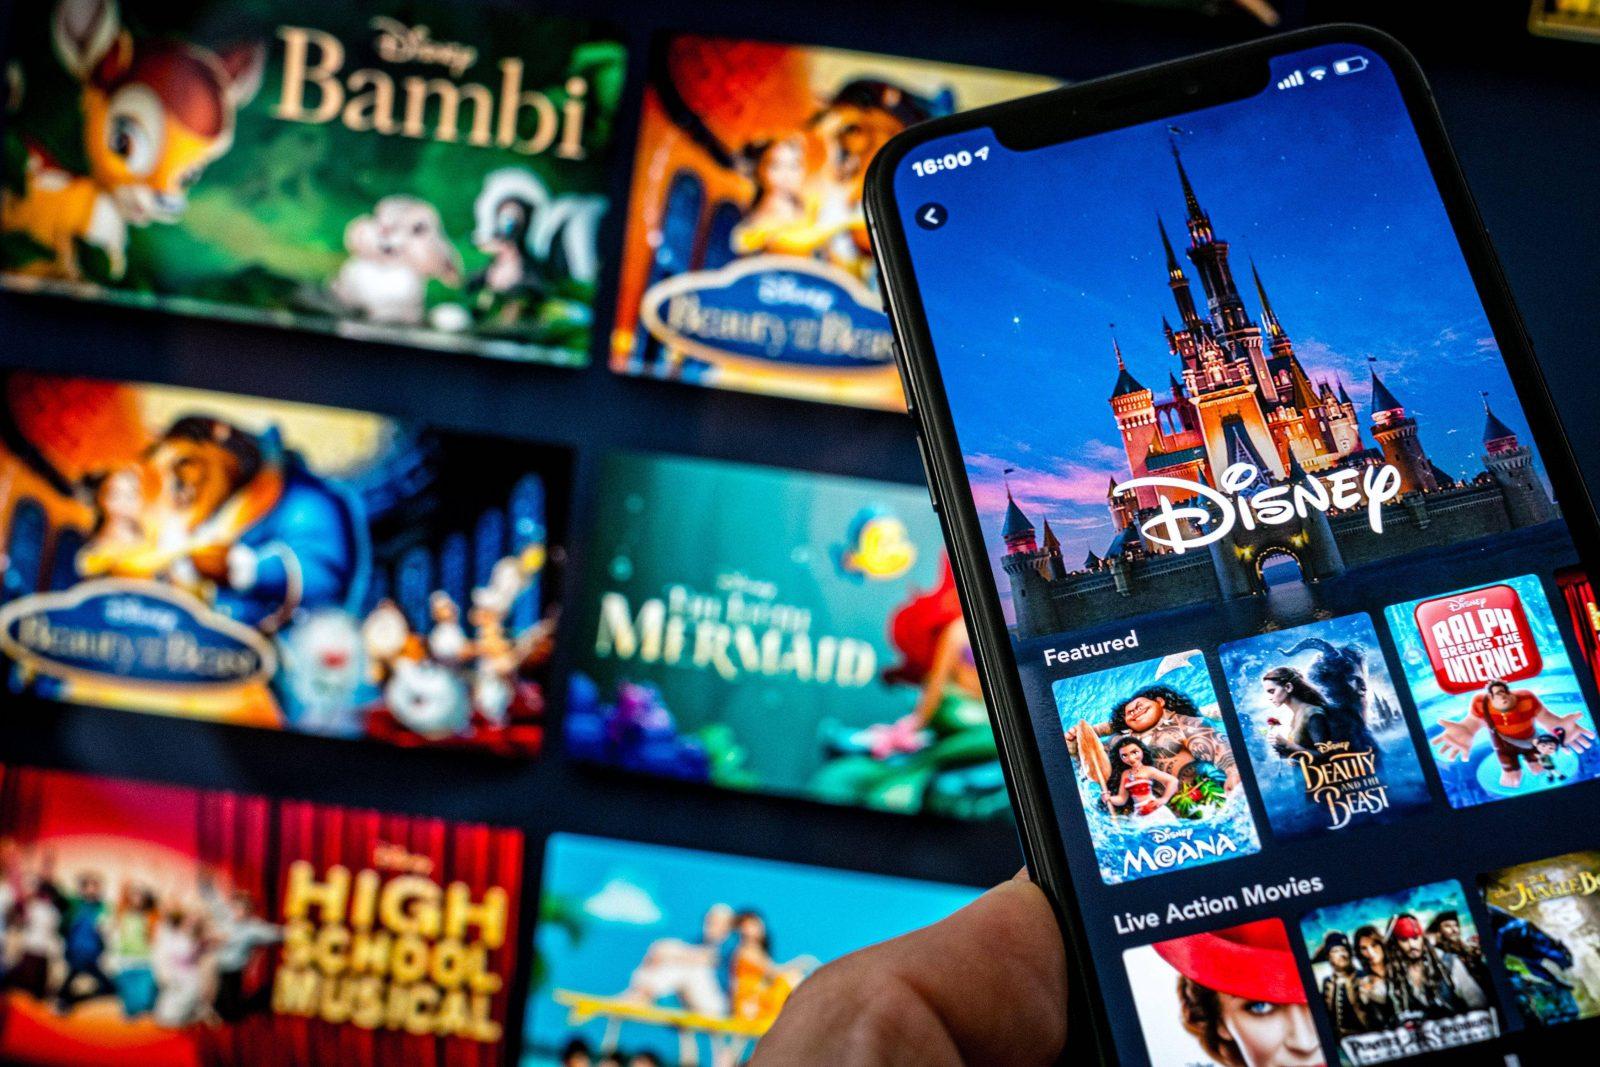 Disney+ gestartet: Das Angebot ist vor allem in Sachen Animation stark – es gibt einige echte Perle, aber auch ordentlich Schrott. Foto: Imago